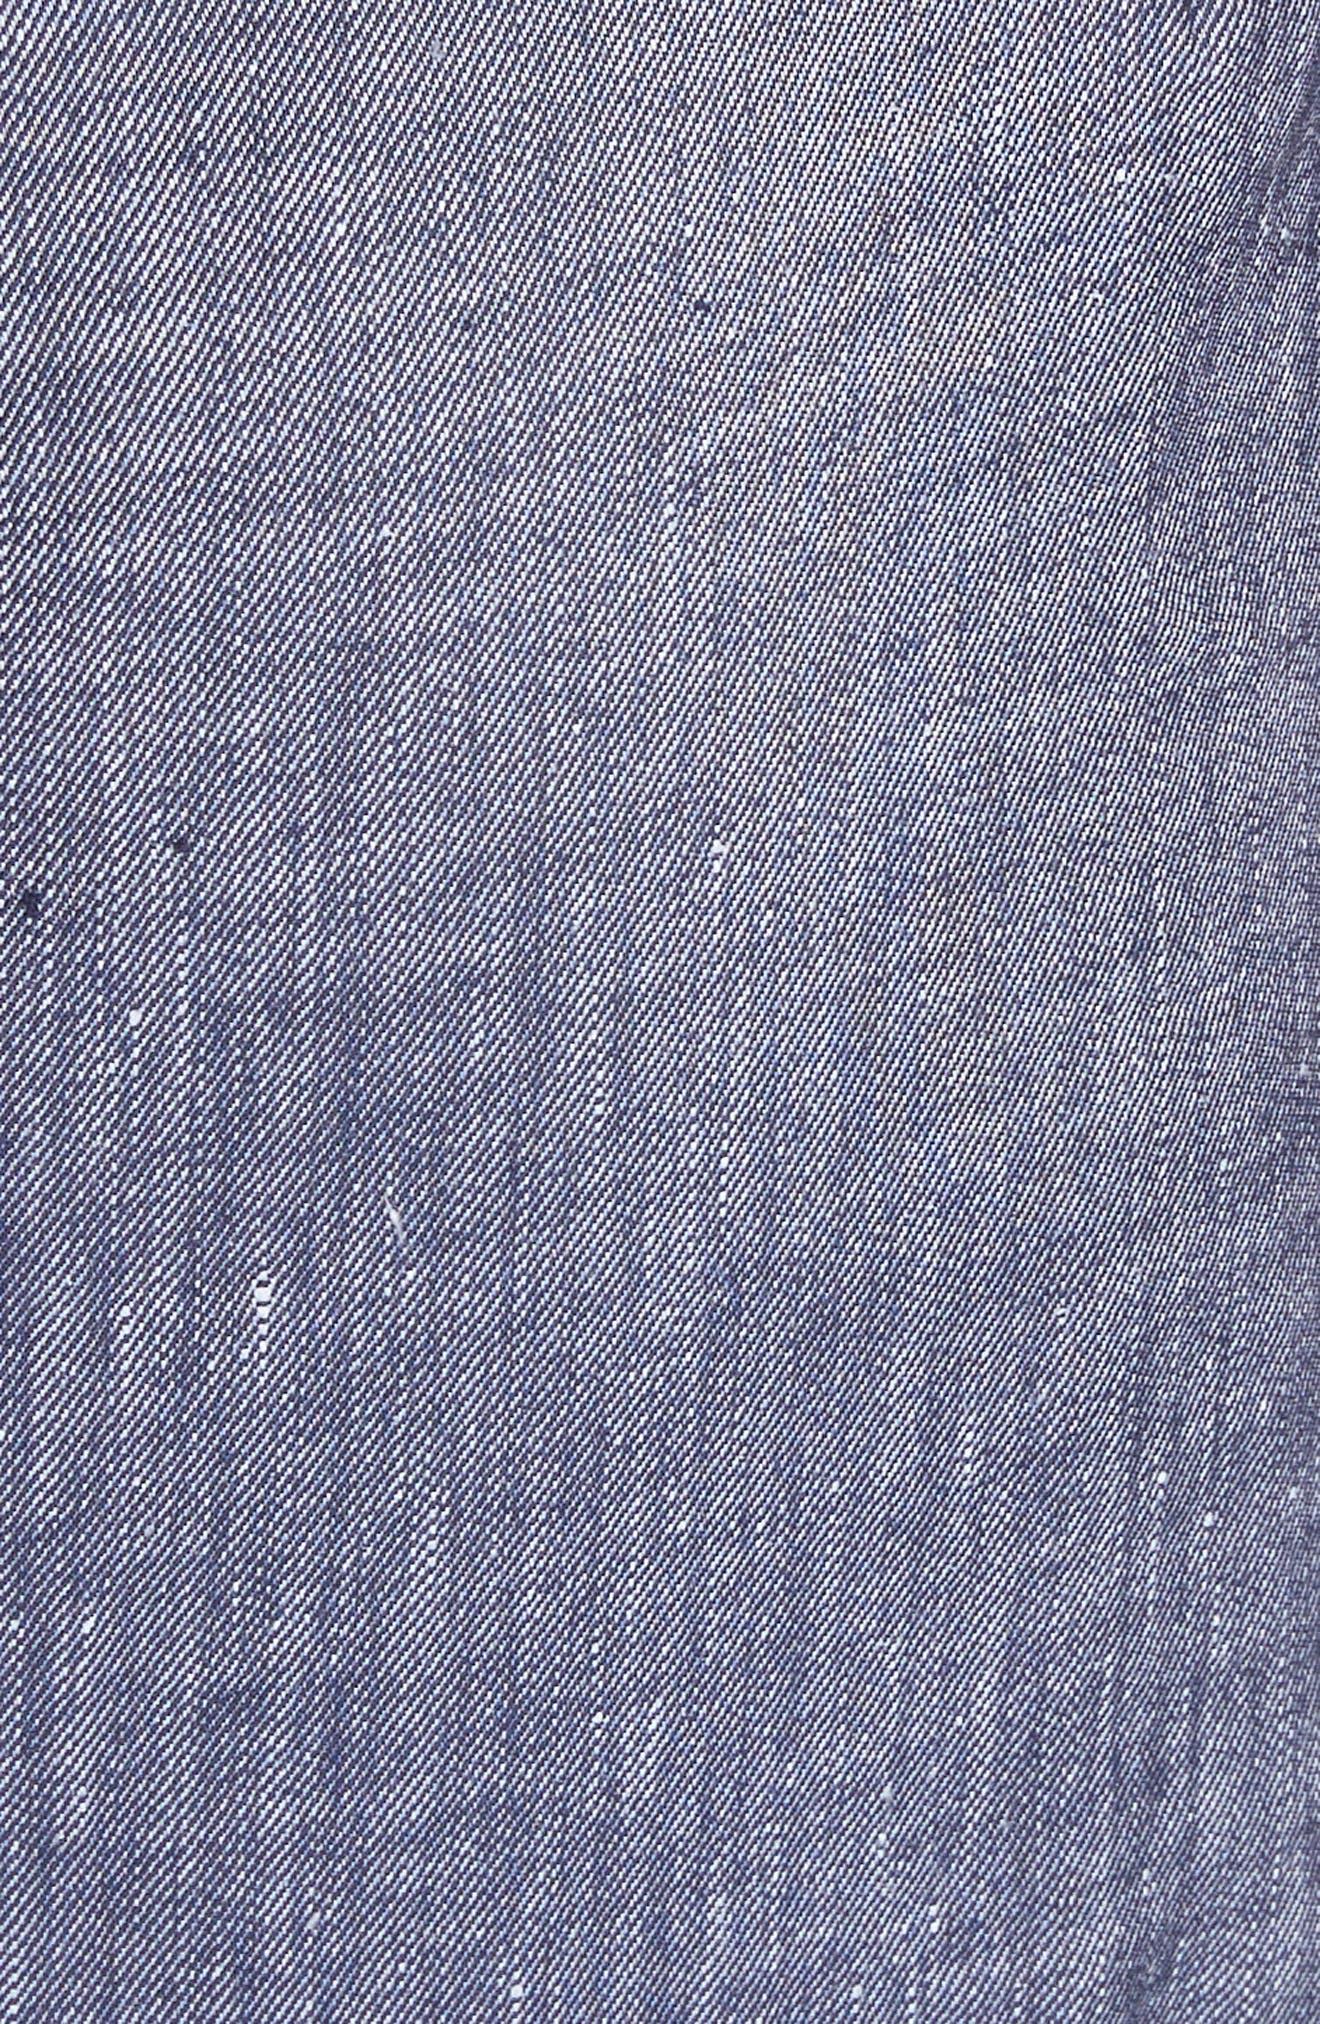 Apron Ruffle Midi Dress,                             Alternate thumbnail 5, color,